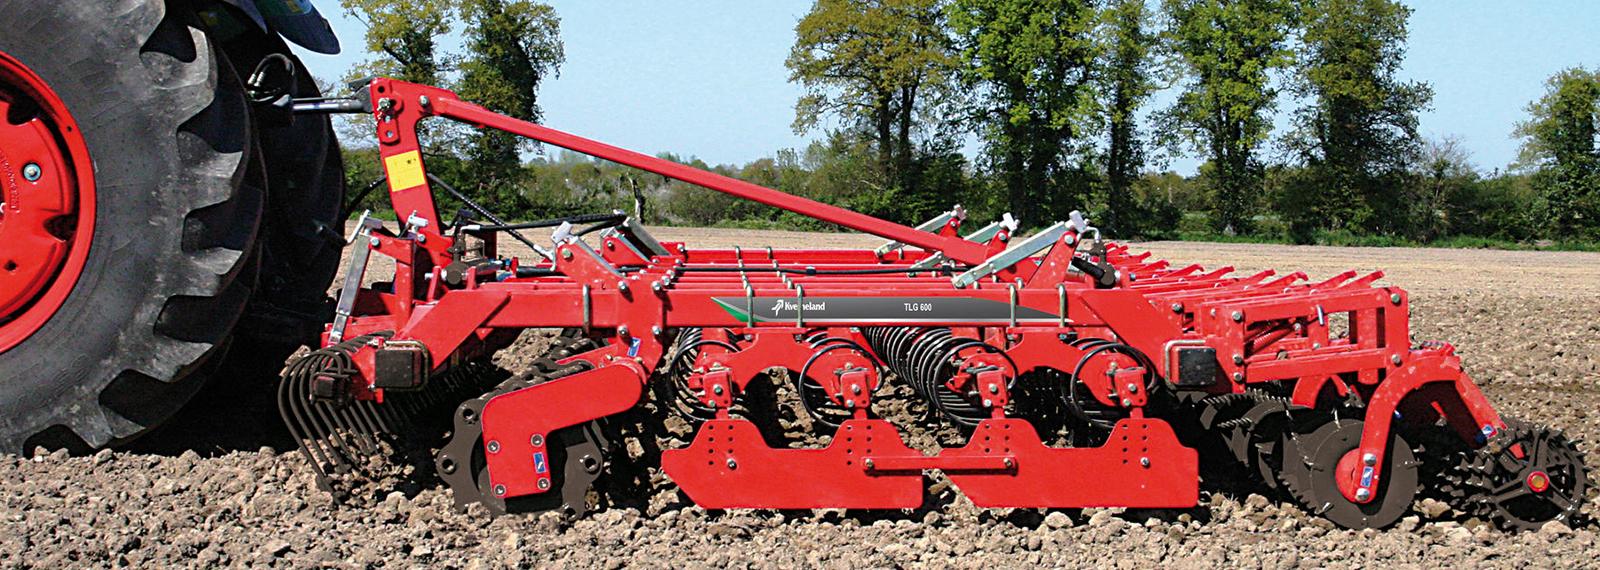 Course Image Entretien et réparation de systèmes de préparation de sols, de production et de traitement de cultures